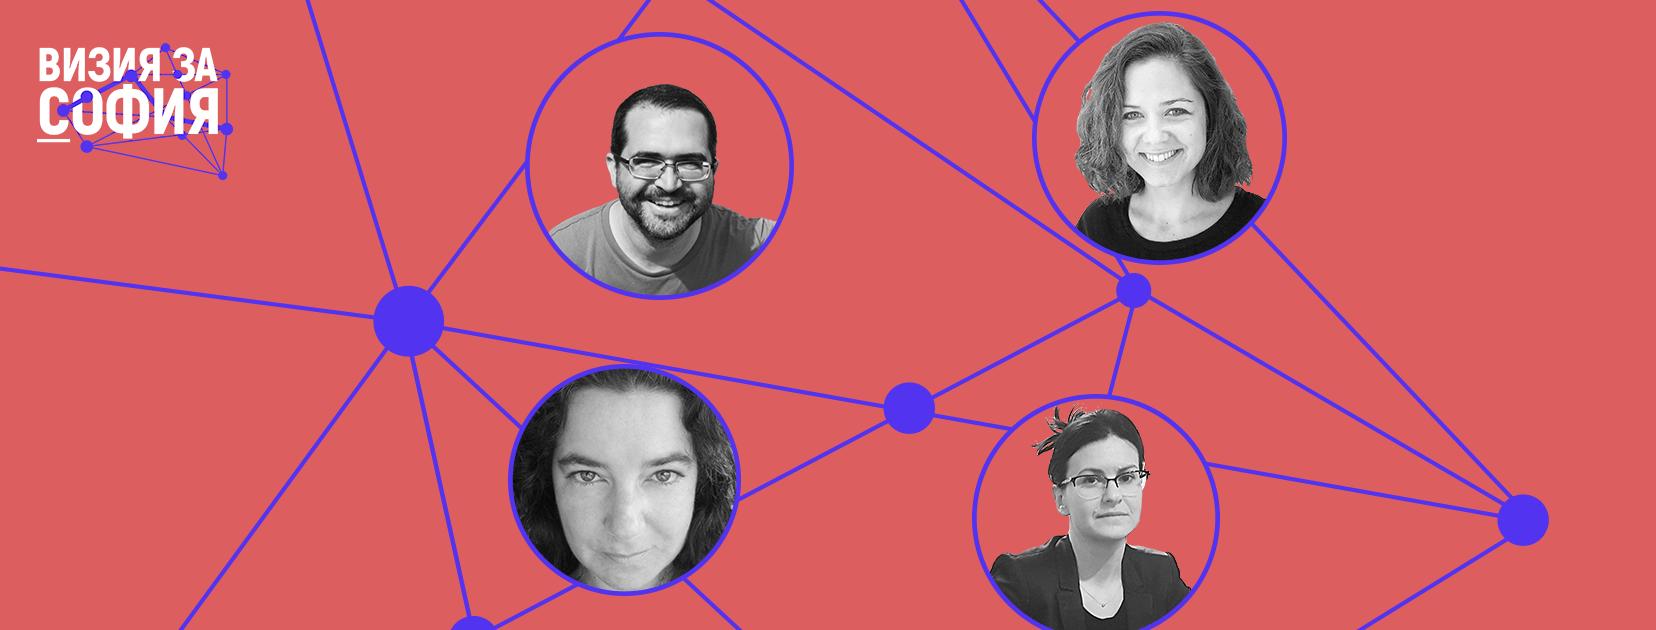 Подкаст за София - екип Идентичност и култура